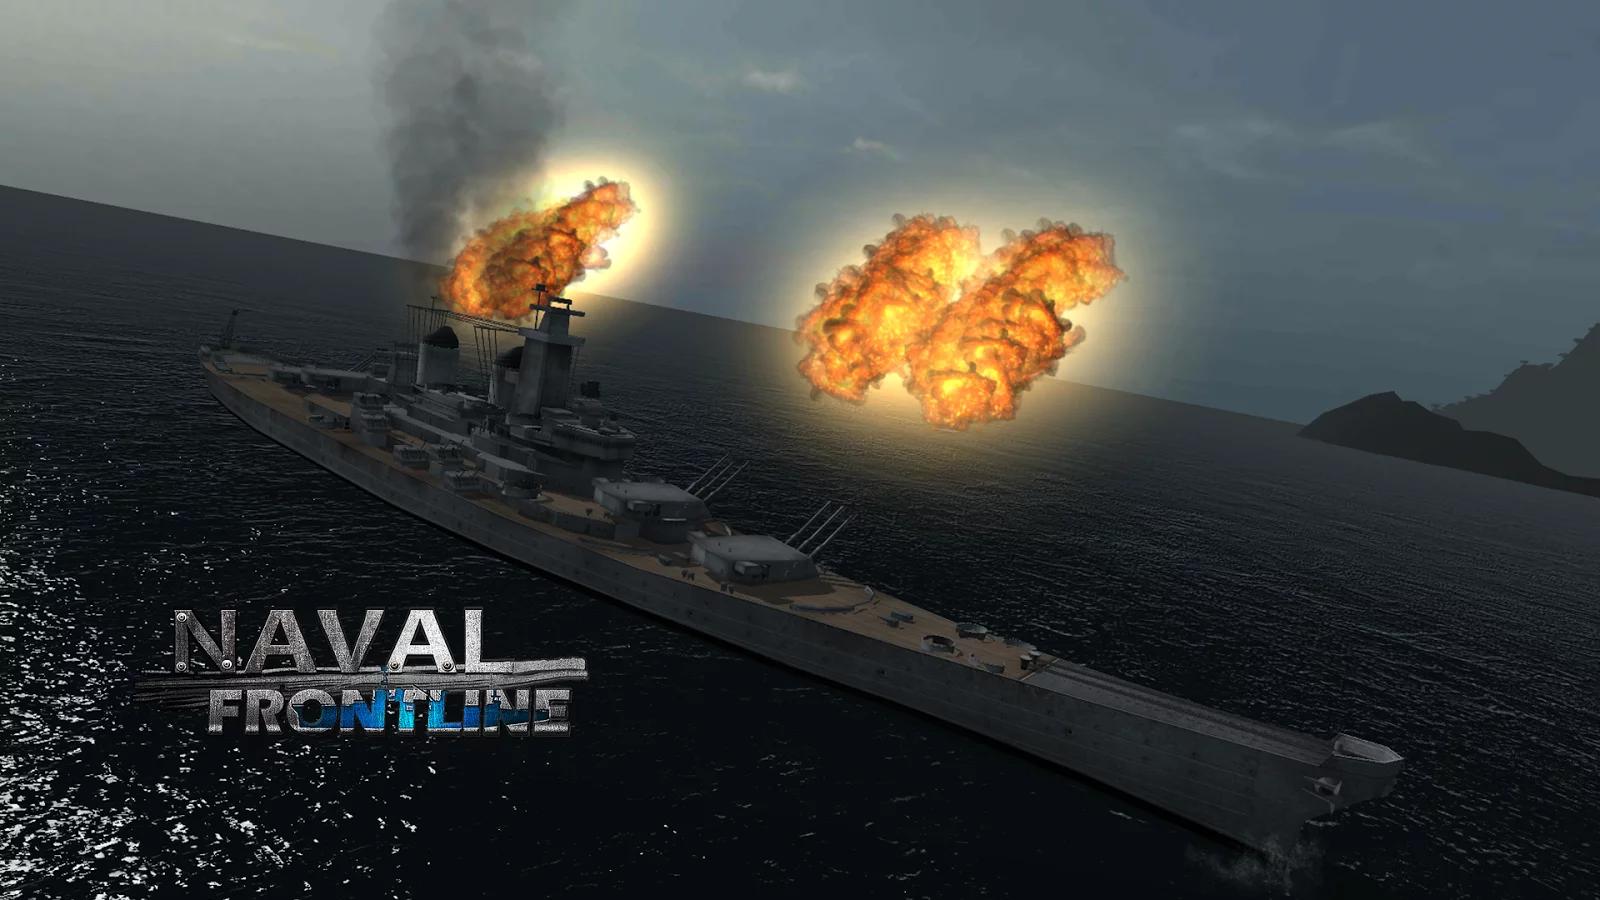 海军最前线 : 意军奇袭截图1